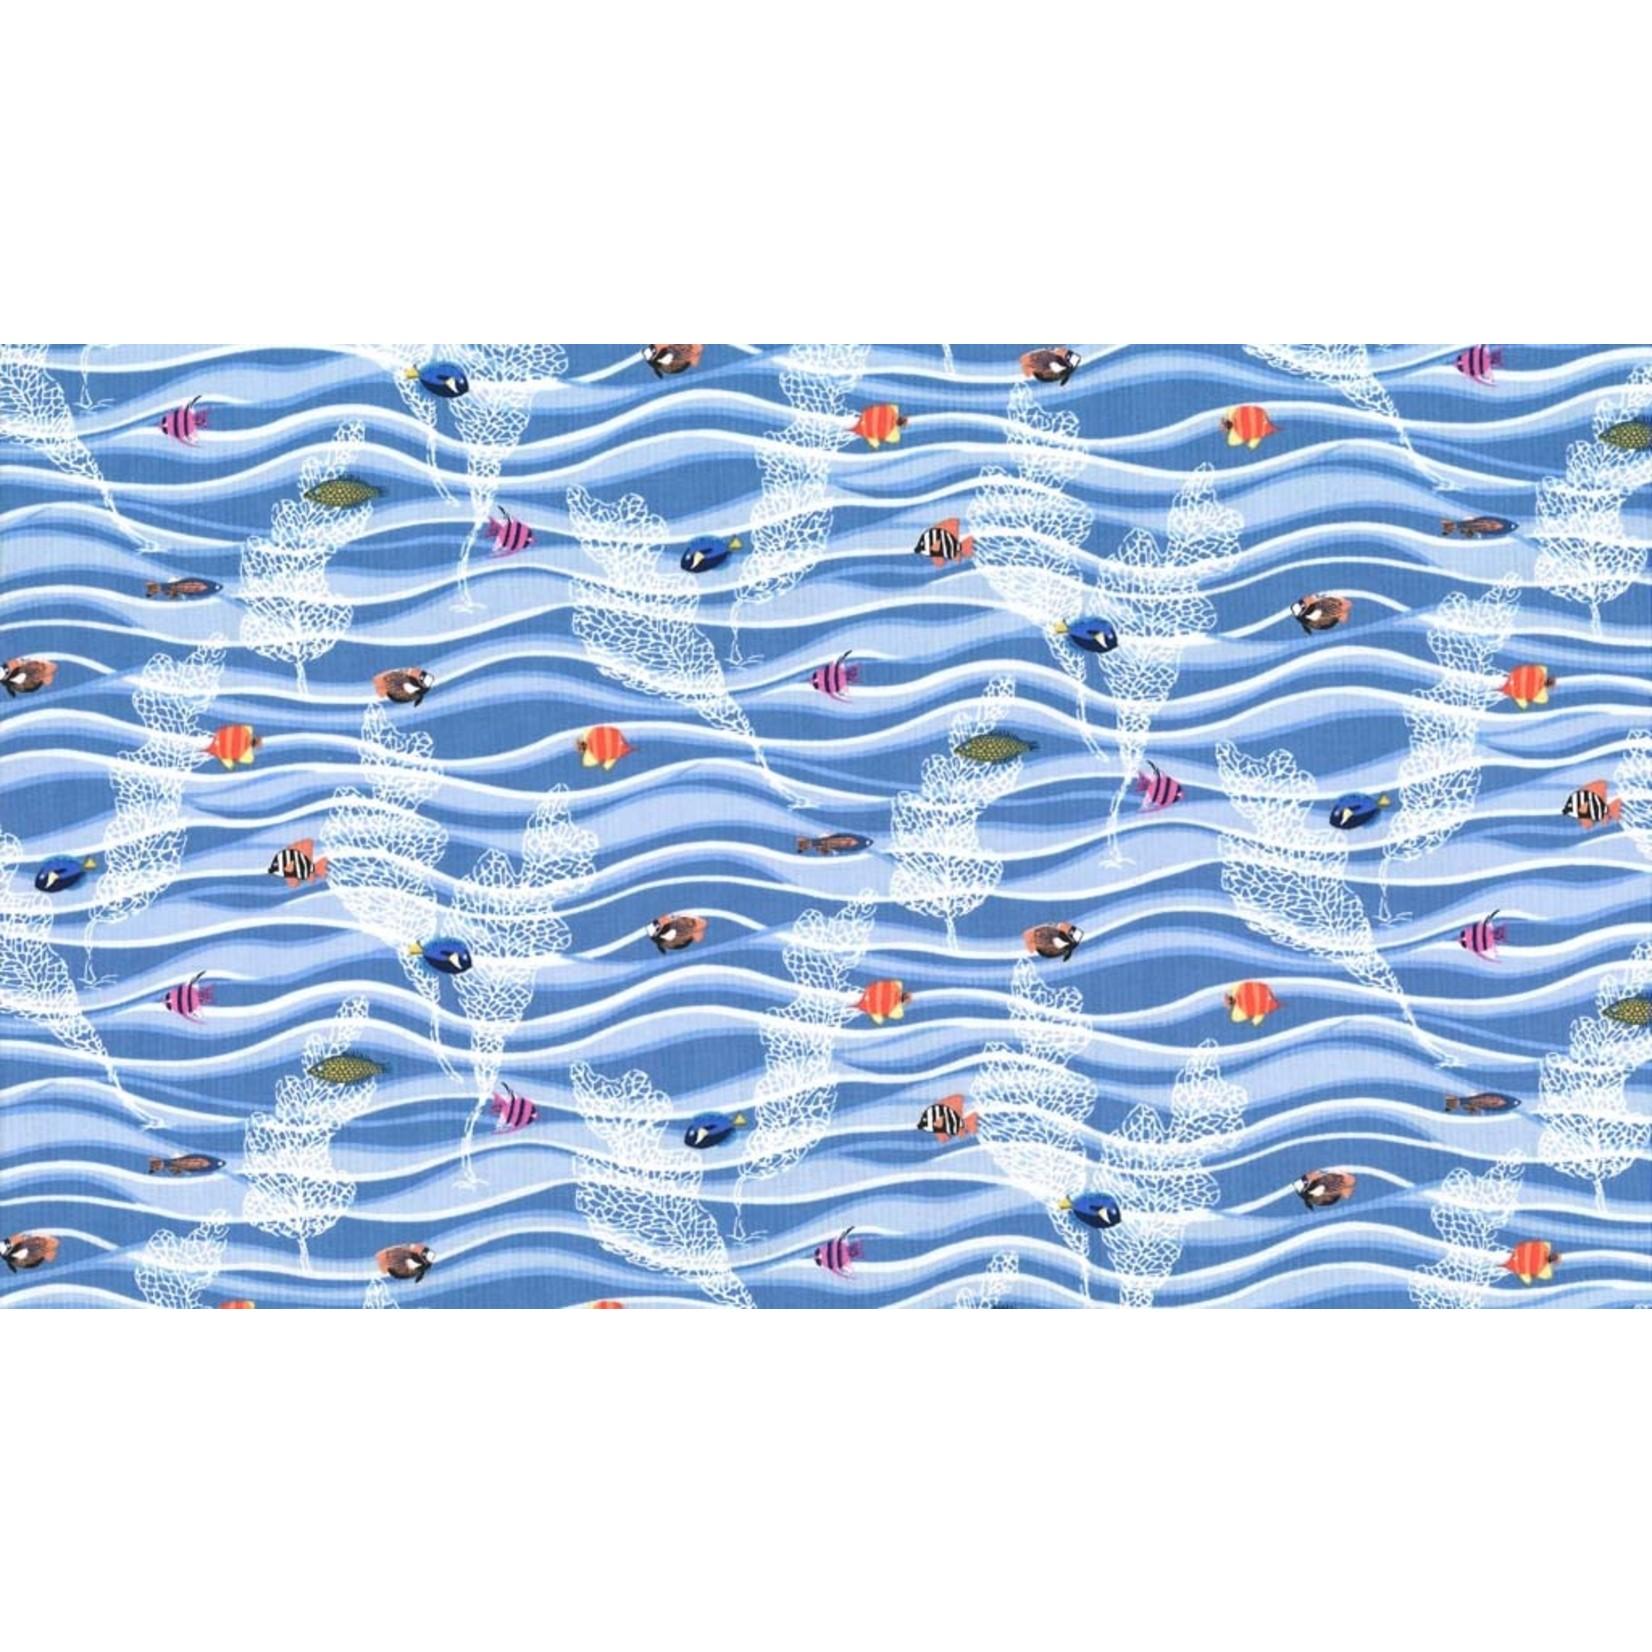 Michael Miller Fishtopia - Waves - Blue